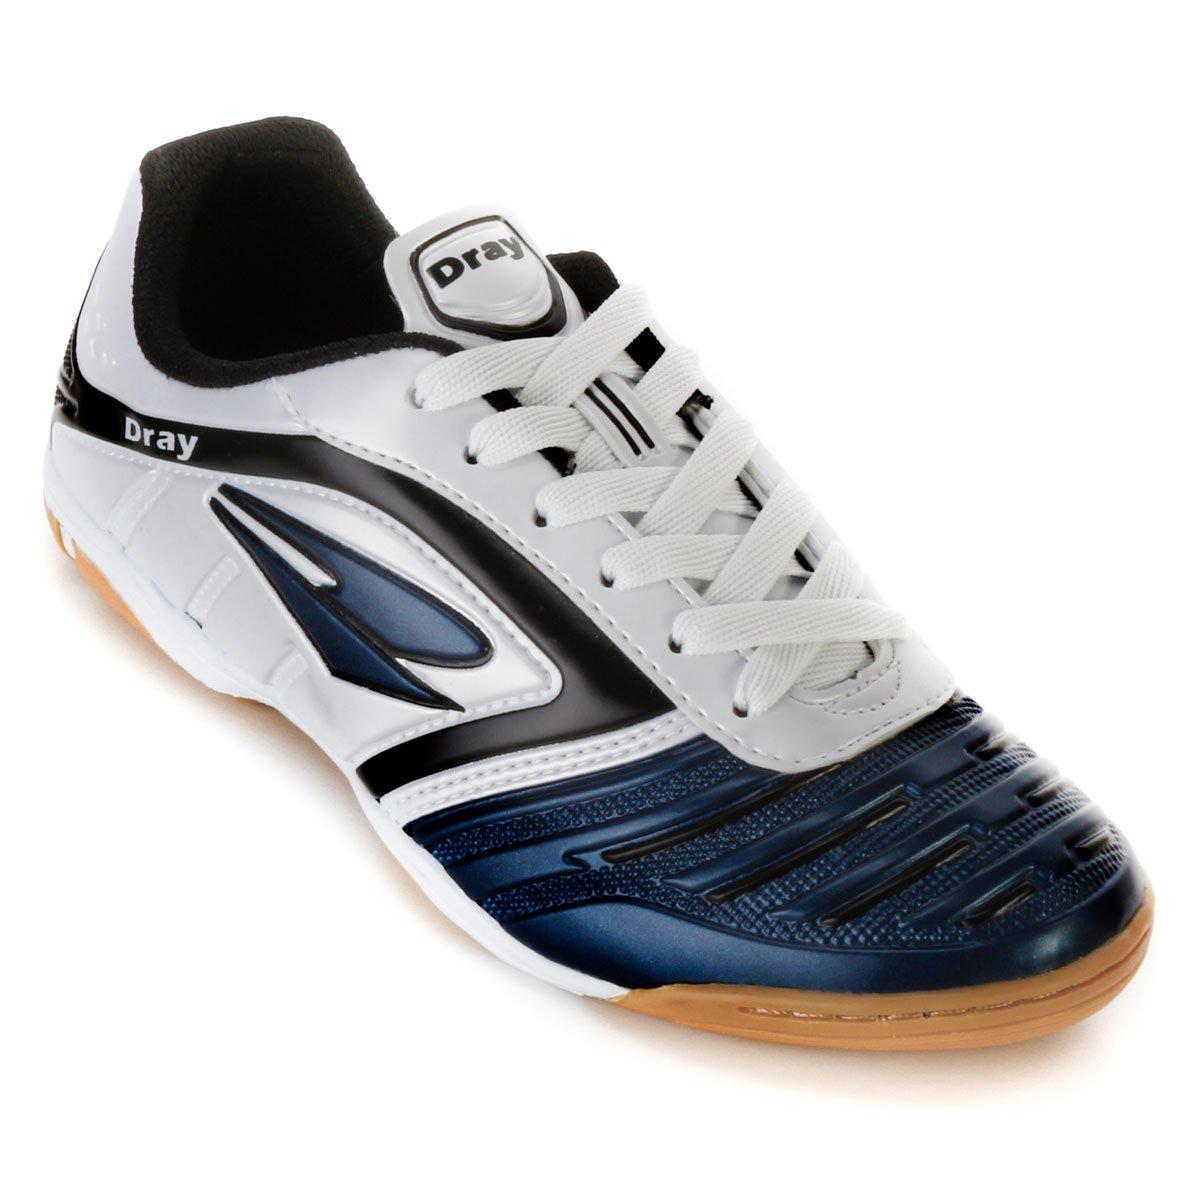 254924f1e0 Tênis Futsal Dray 363 CO - Compre Agora